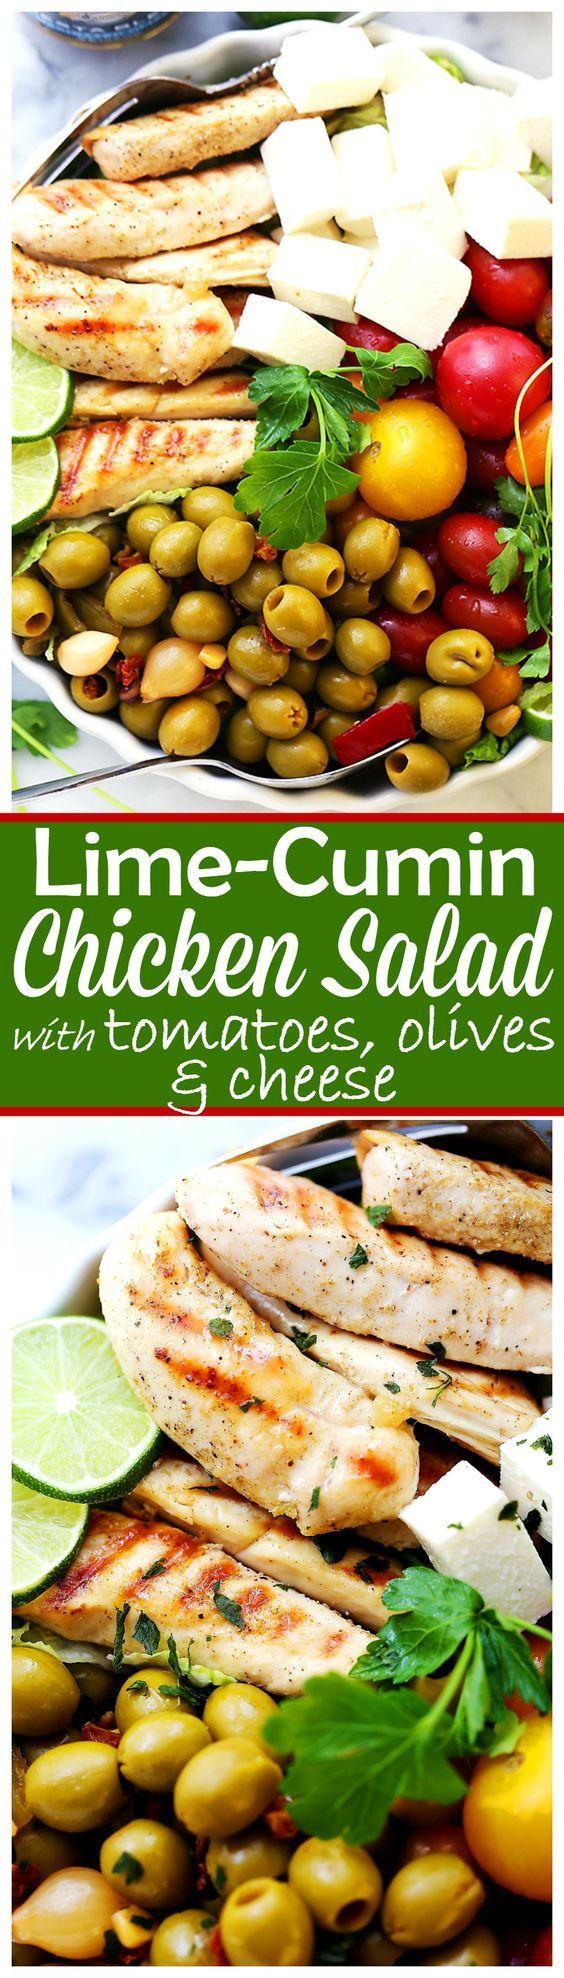 ... Chicken dishes on Pinterest | Lemon garlic chicken, Grilled chicken